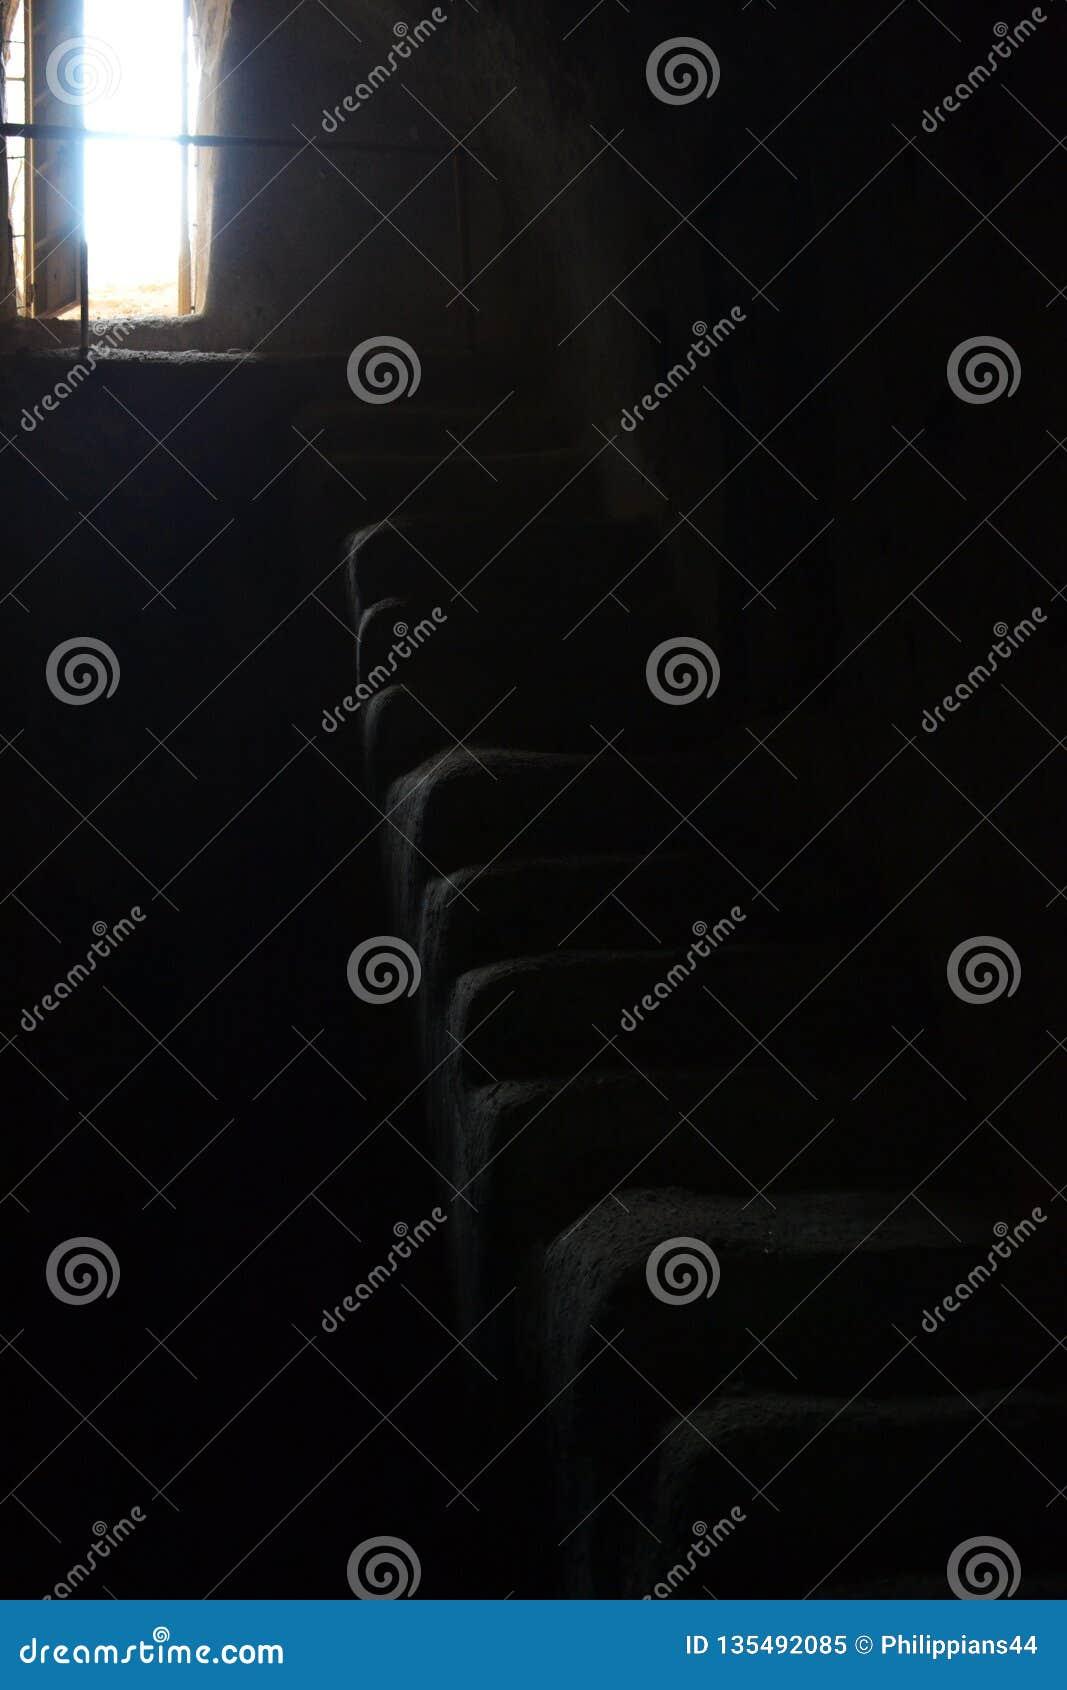 Escalier menant à partir de la chambre noire dans la lumière, Herodion dans Westbank, Palestine, Israël